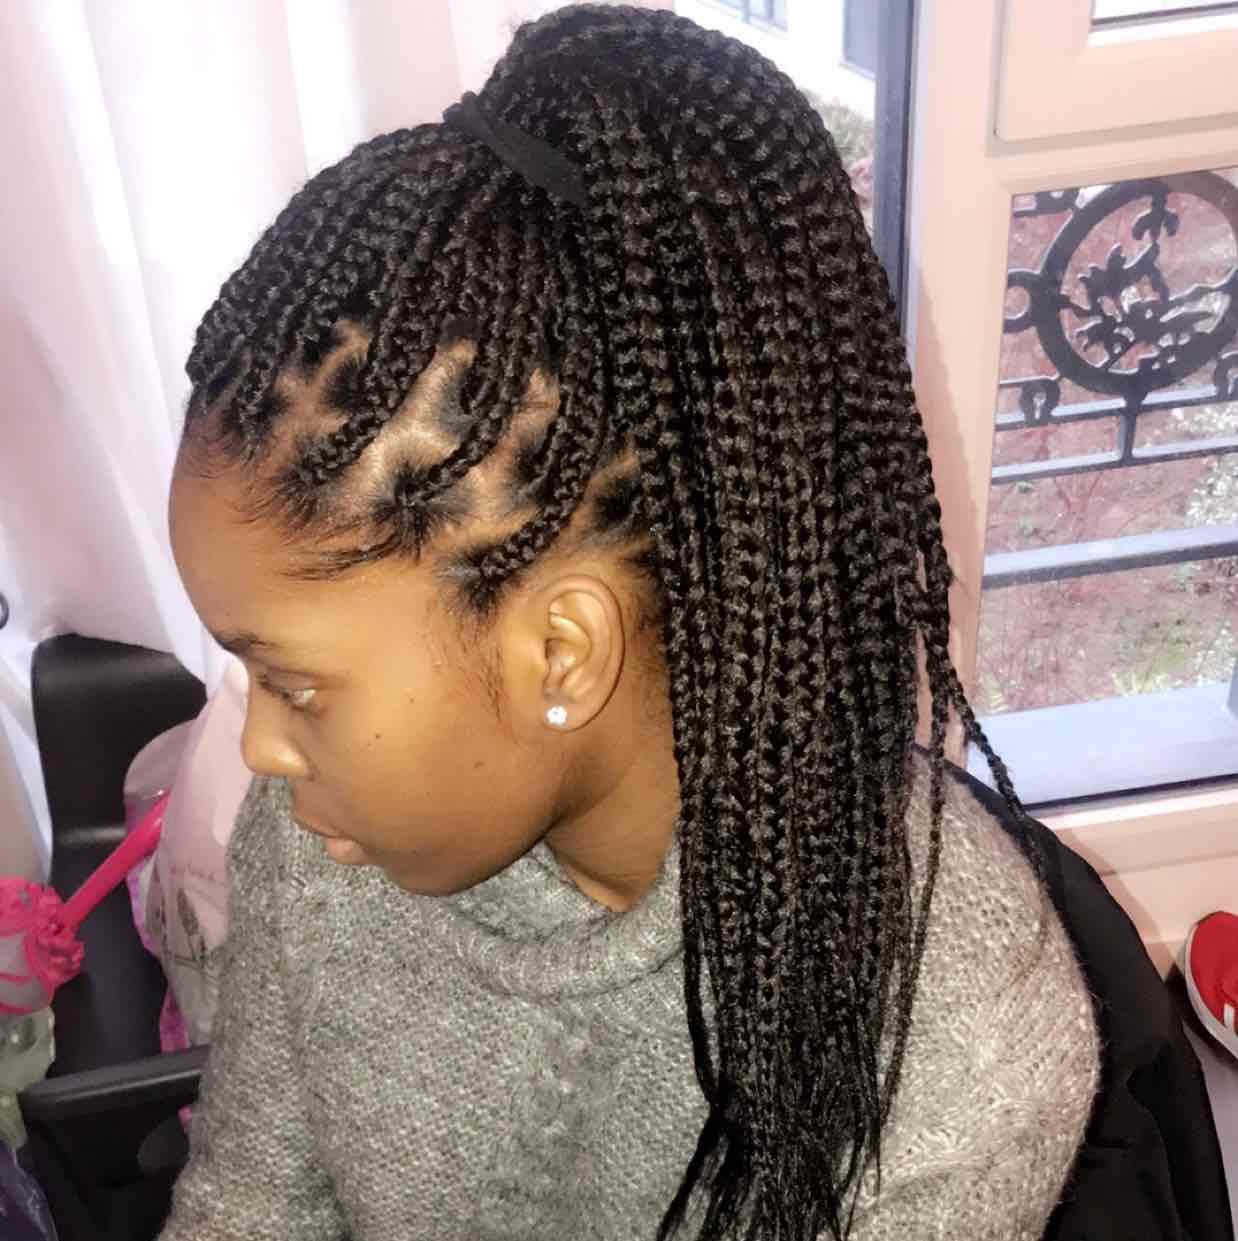 salon de coiffure afro tresse tresses box braids crochet braids vanilles tissages paris 75 77 78 91 92 93 94 95 ISTFRSGA